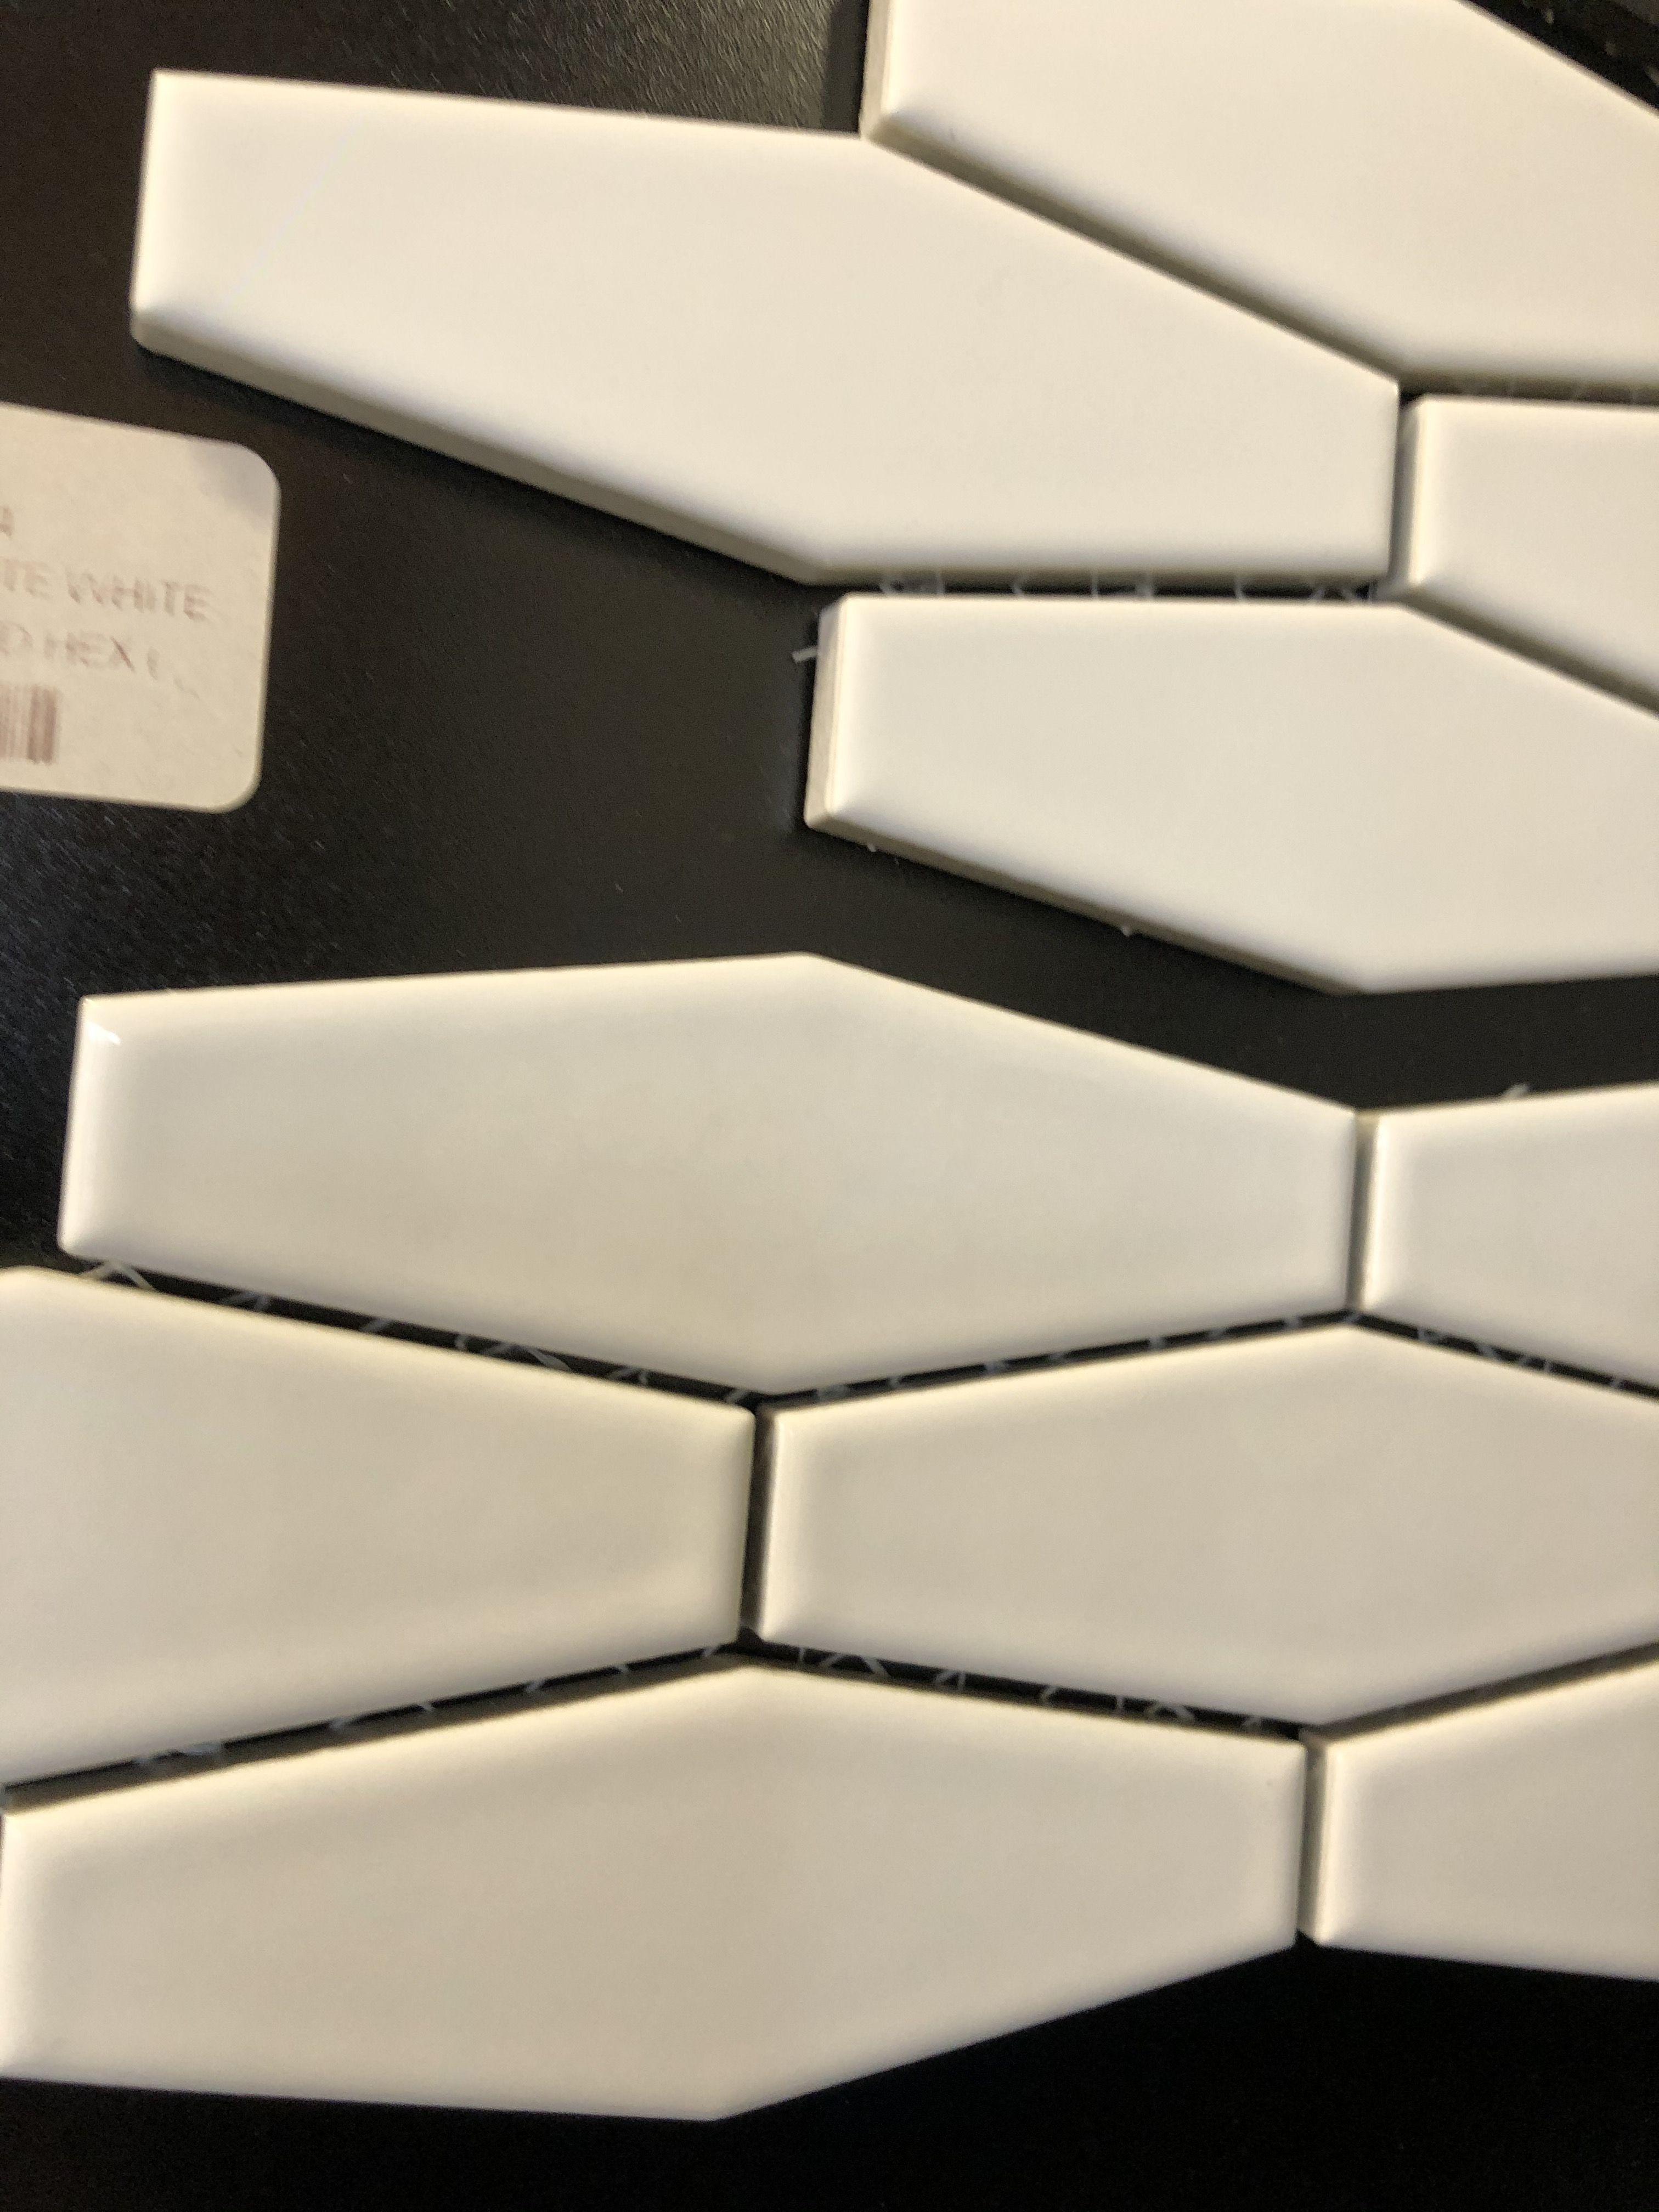 Pin by Lauren Rasmussen on Tiles Tiles, Flooring, Tile floor